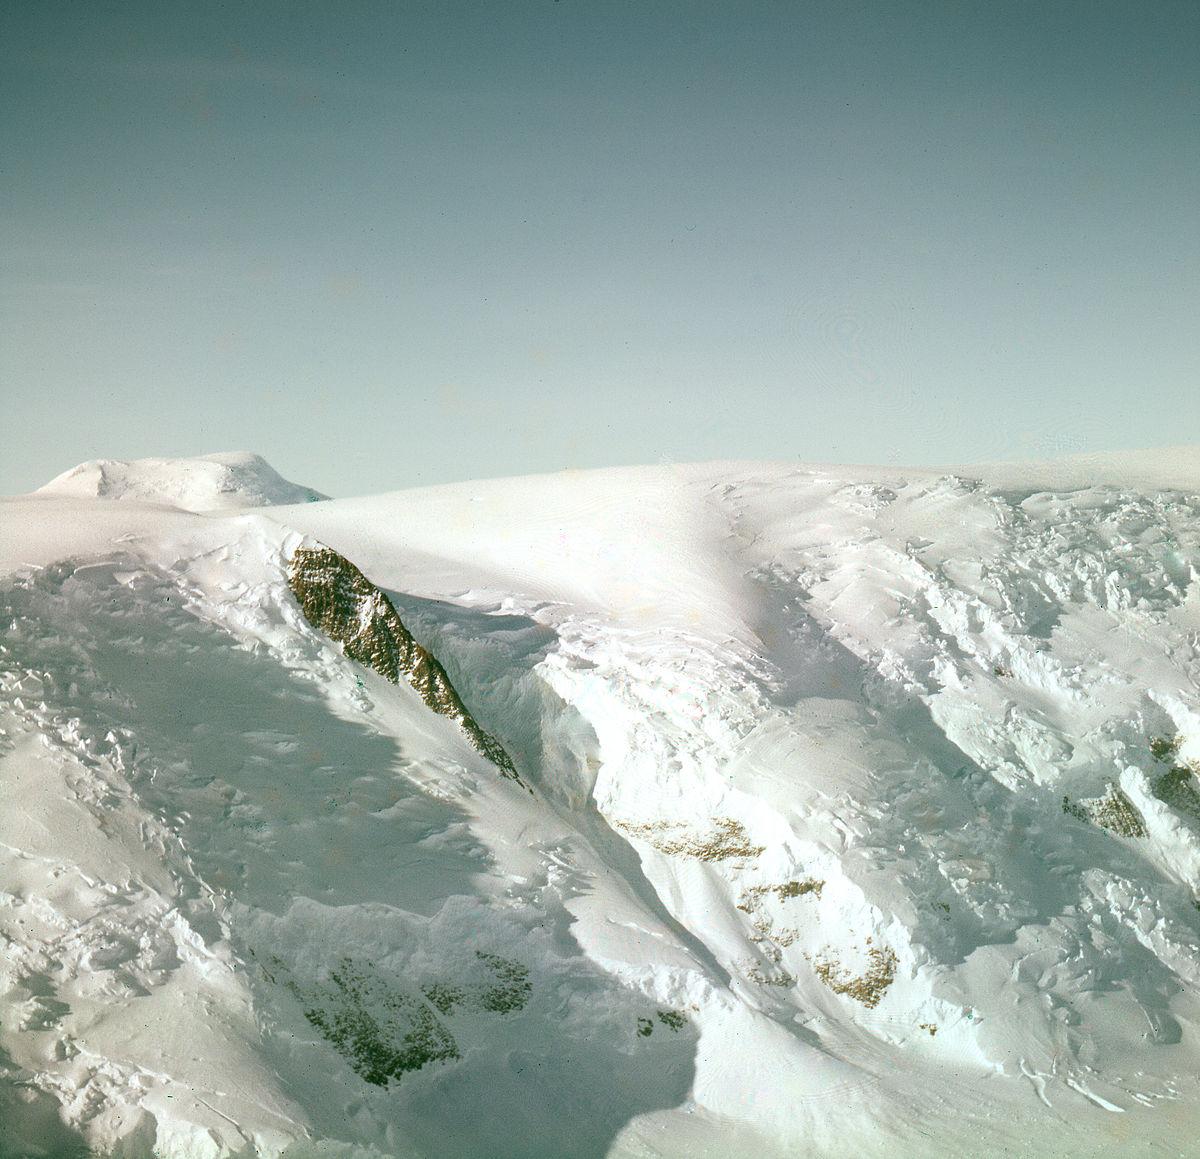 Ледник Акселя Хейберга